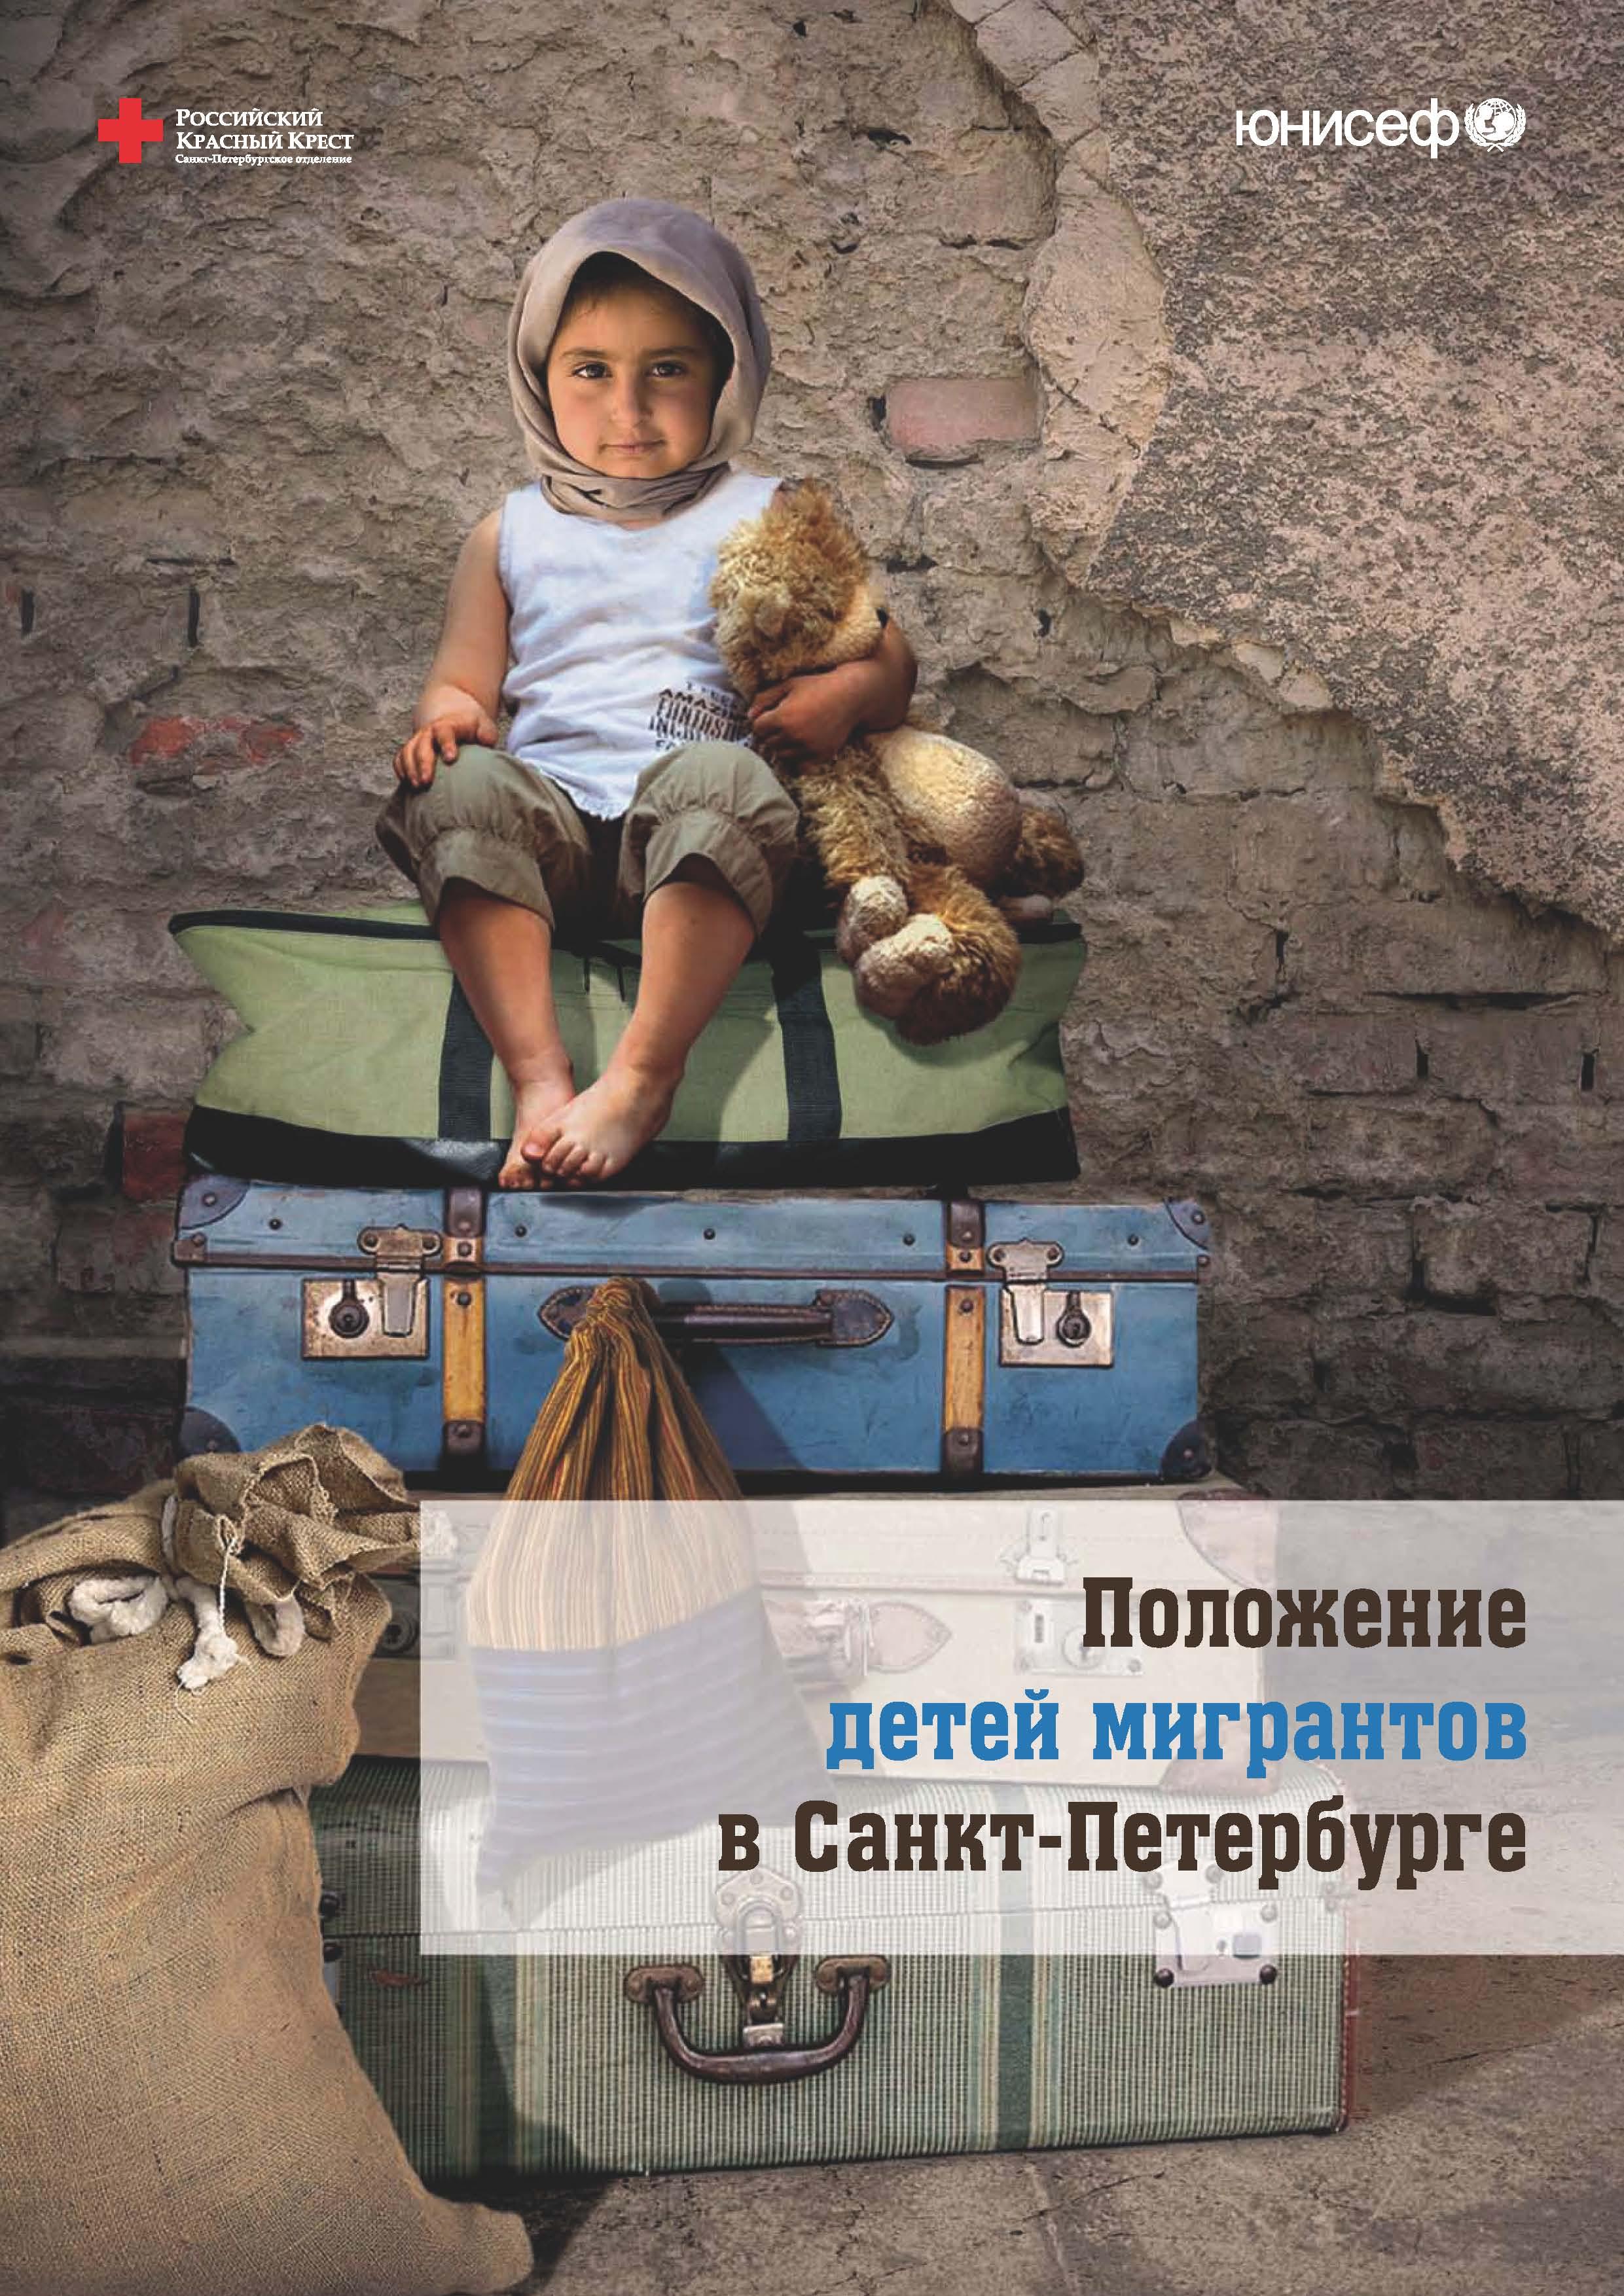 Положение детей мигрантов в Санкт-Петербурге (полная версия)